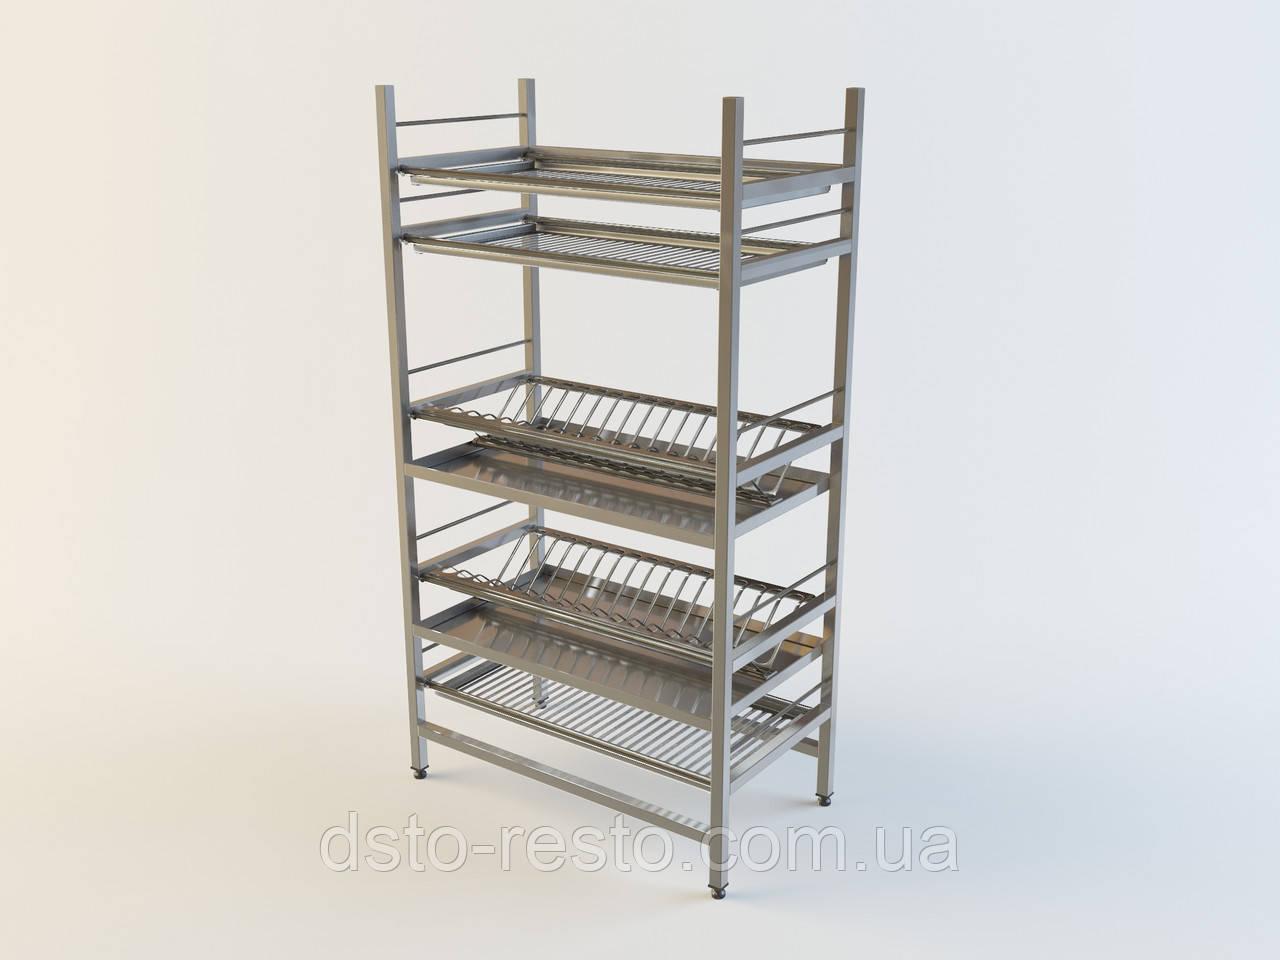 Стеллажи из нержавейки для посуды 900/320/1650 мм, фото 1